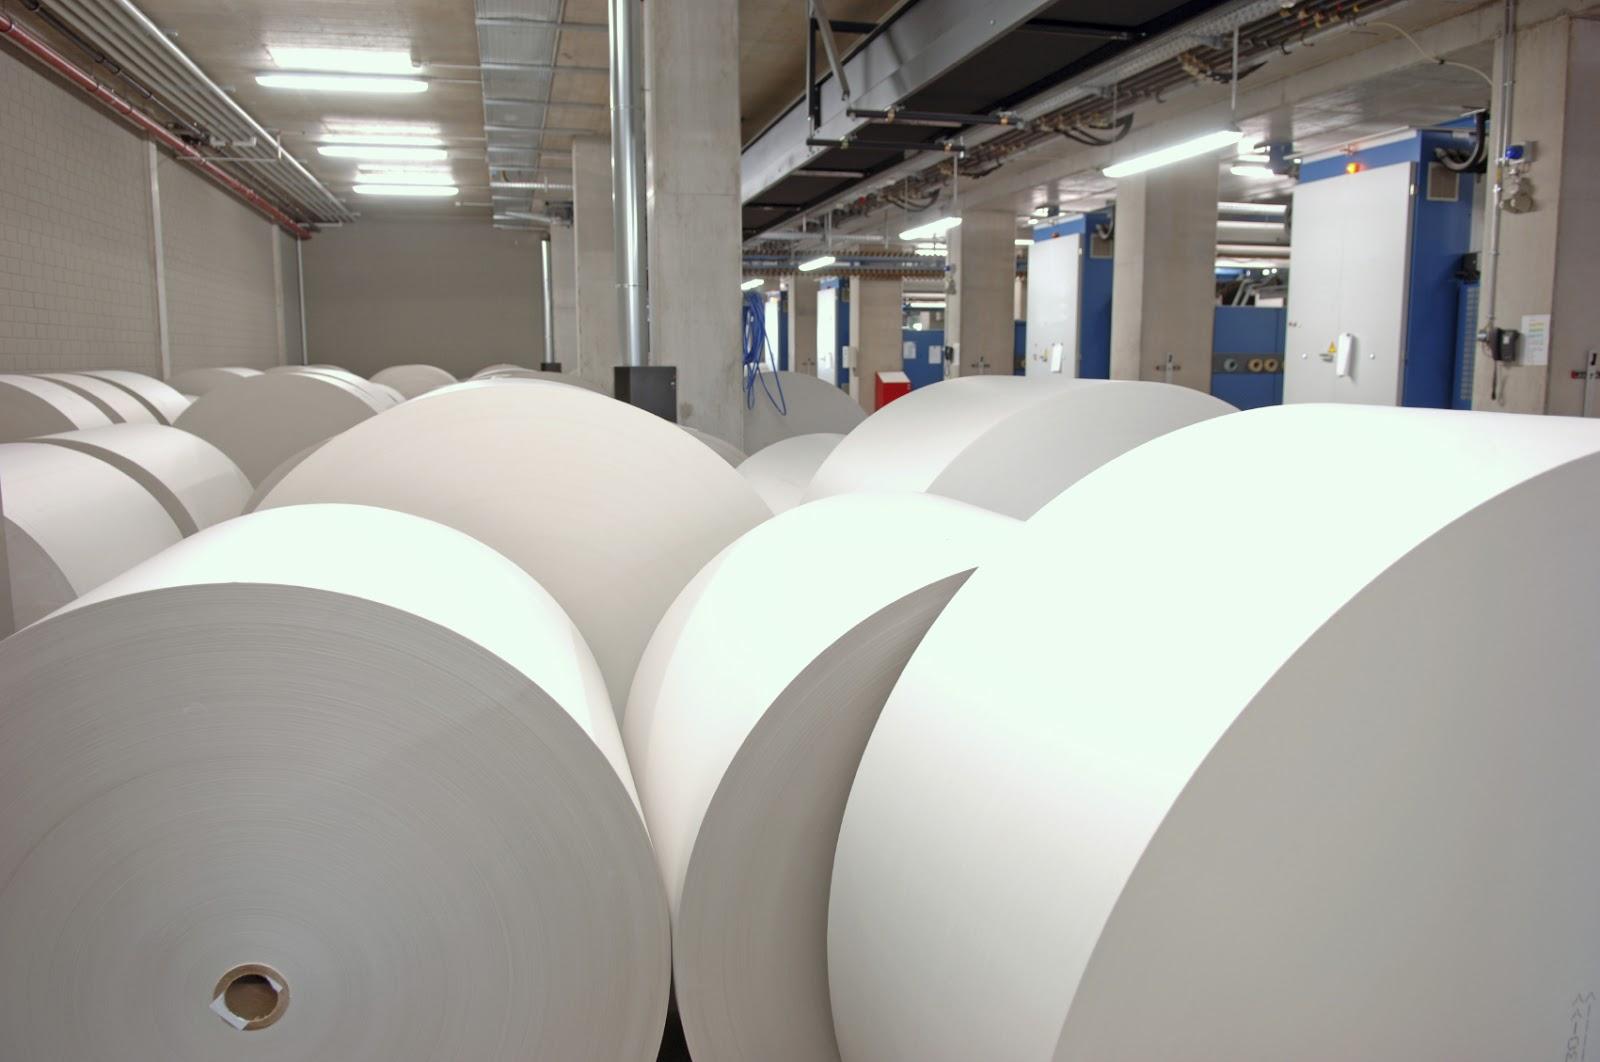 Hướng dẫn xuất nhập khẩu mặt hàng bột giấy Acabia (Part 2)